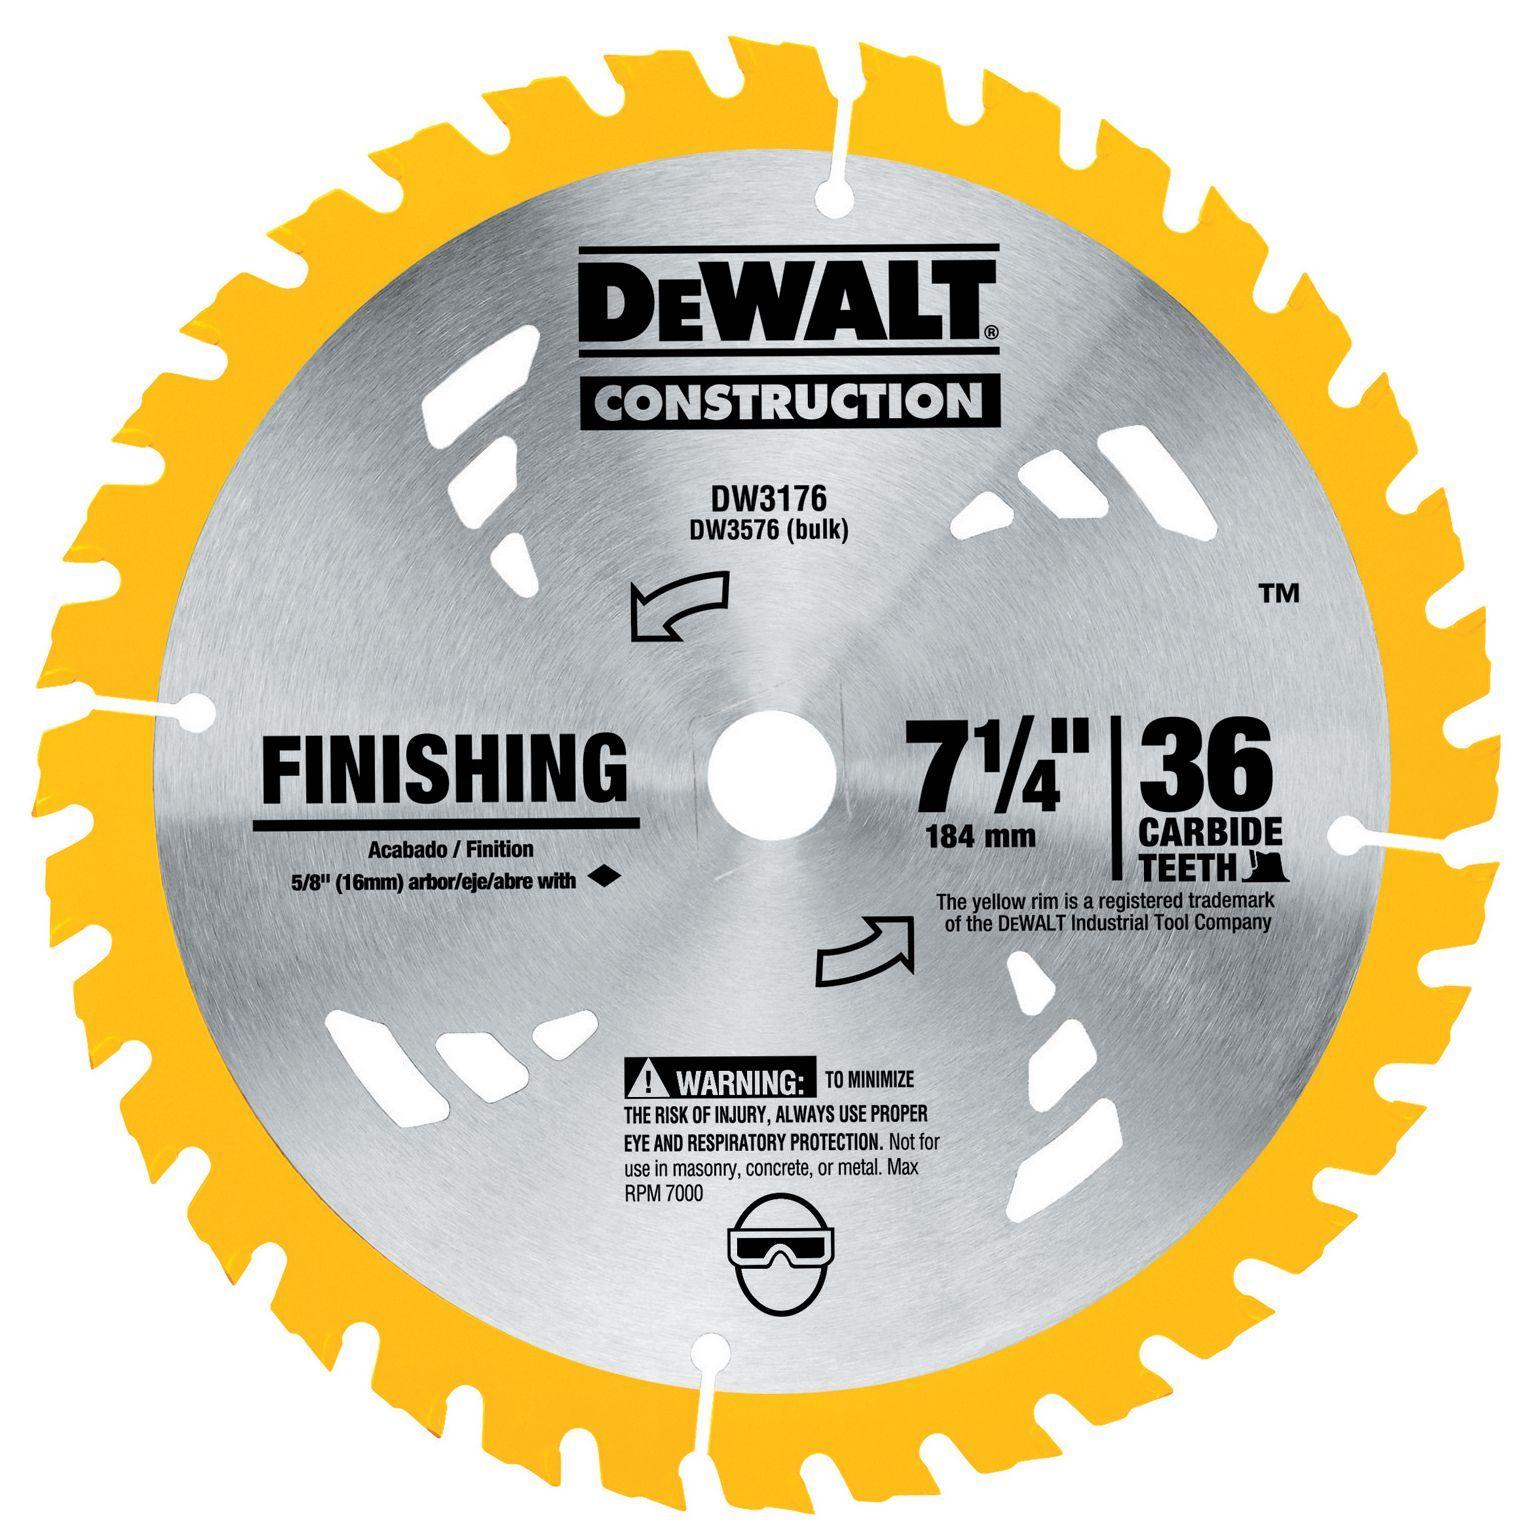 Stanley dewalt dw3176 7 14 36t finishing circular saw blade blade keyboard keysfo Gallery